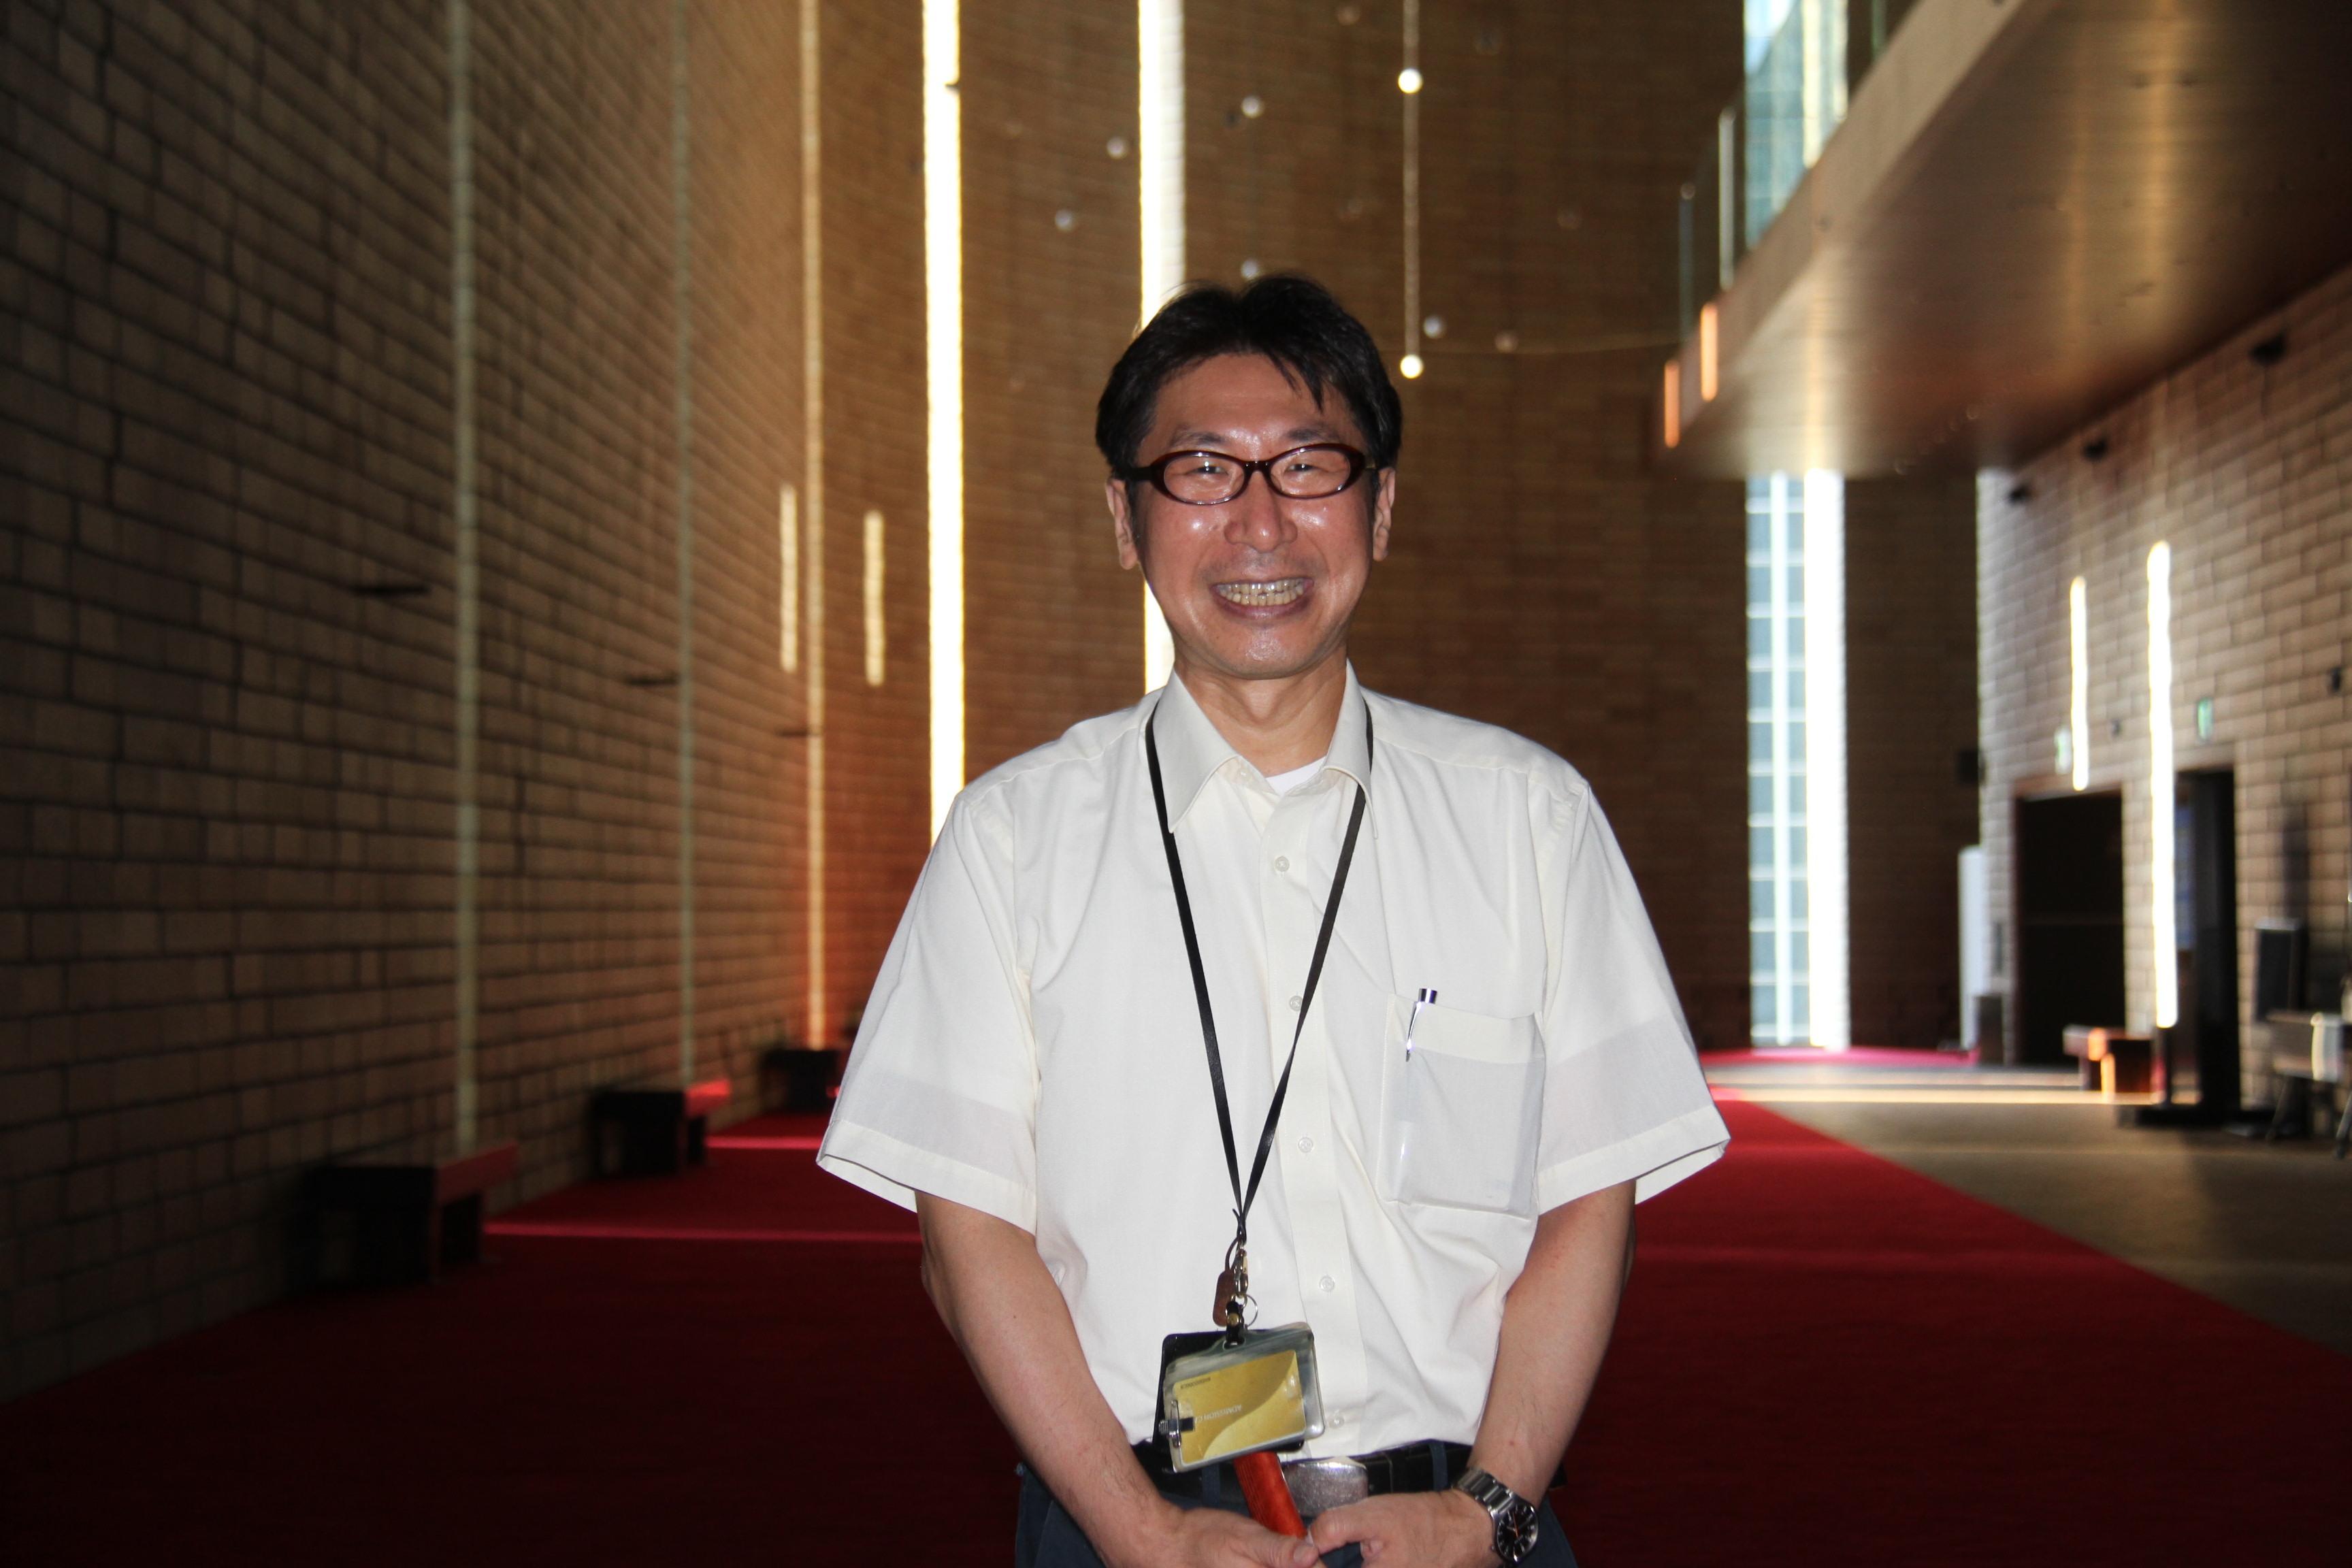 万全のコロナ感染予防対策で皆さまのお越しをお待ちしています!   (C)H.isojima